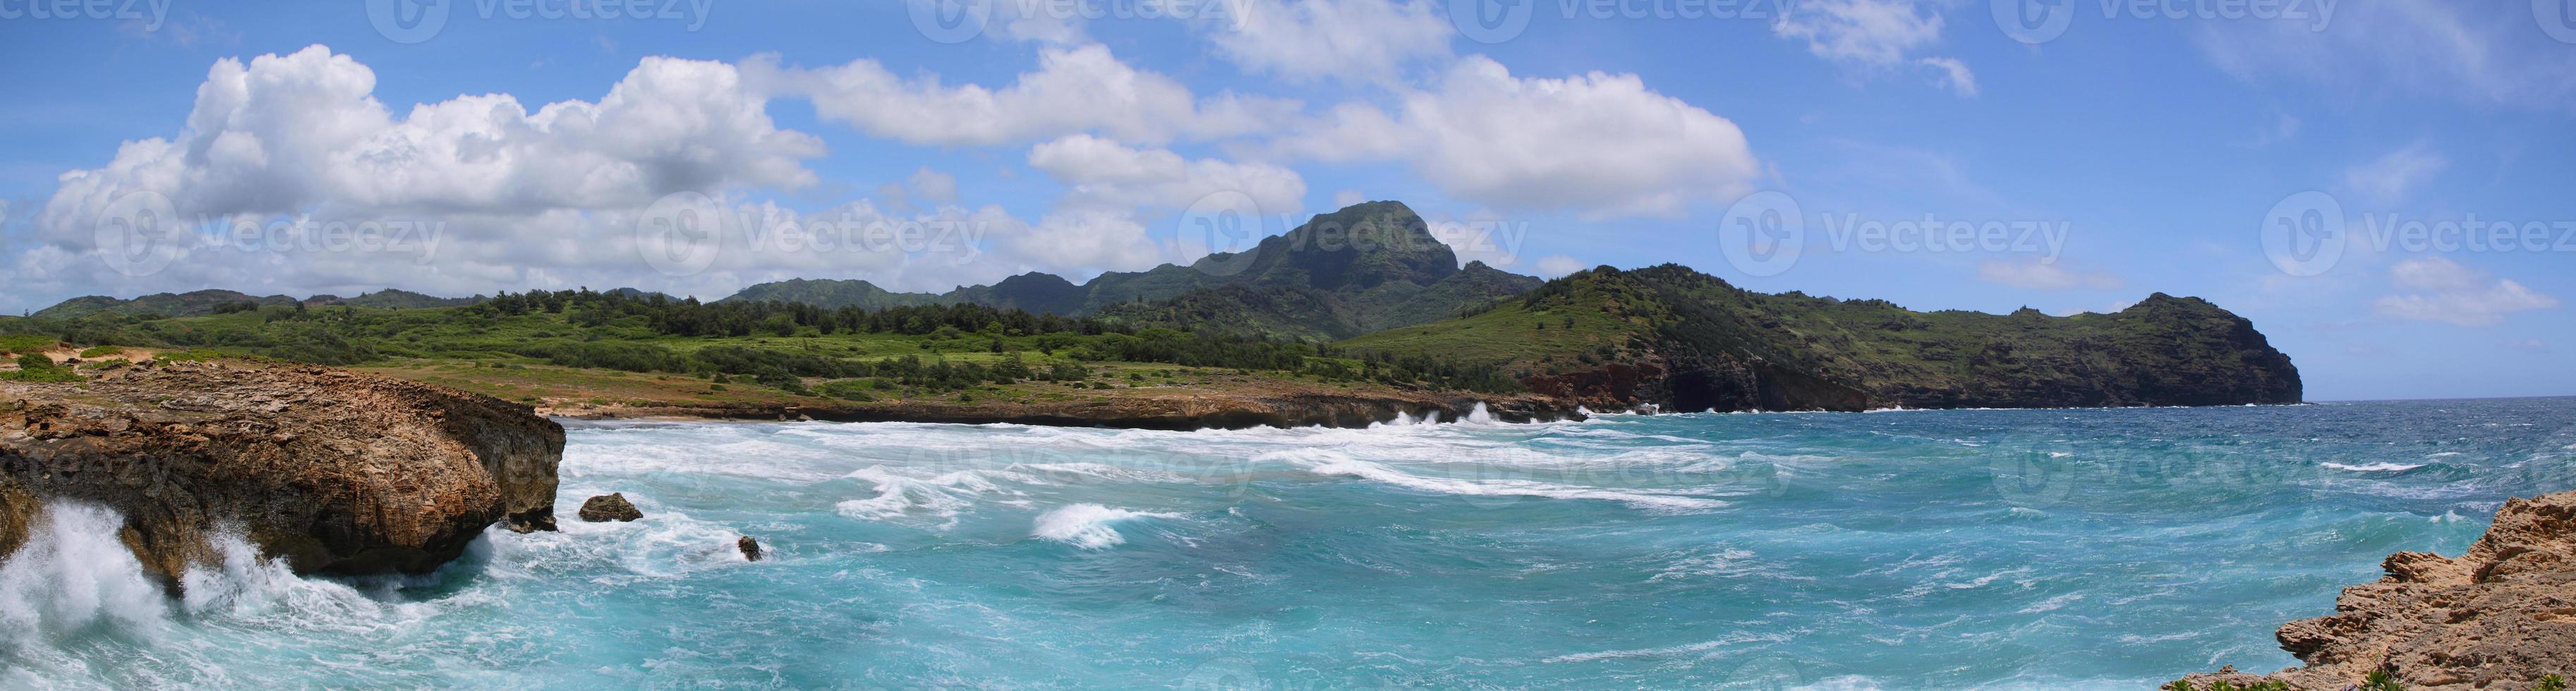 mahaulepu-pad in de buurt van poipu, kauai foto